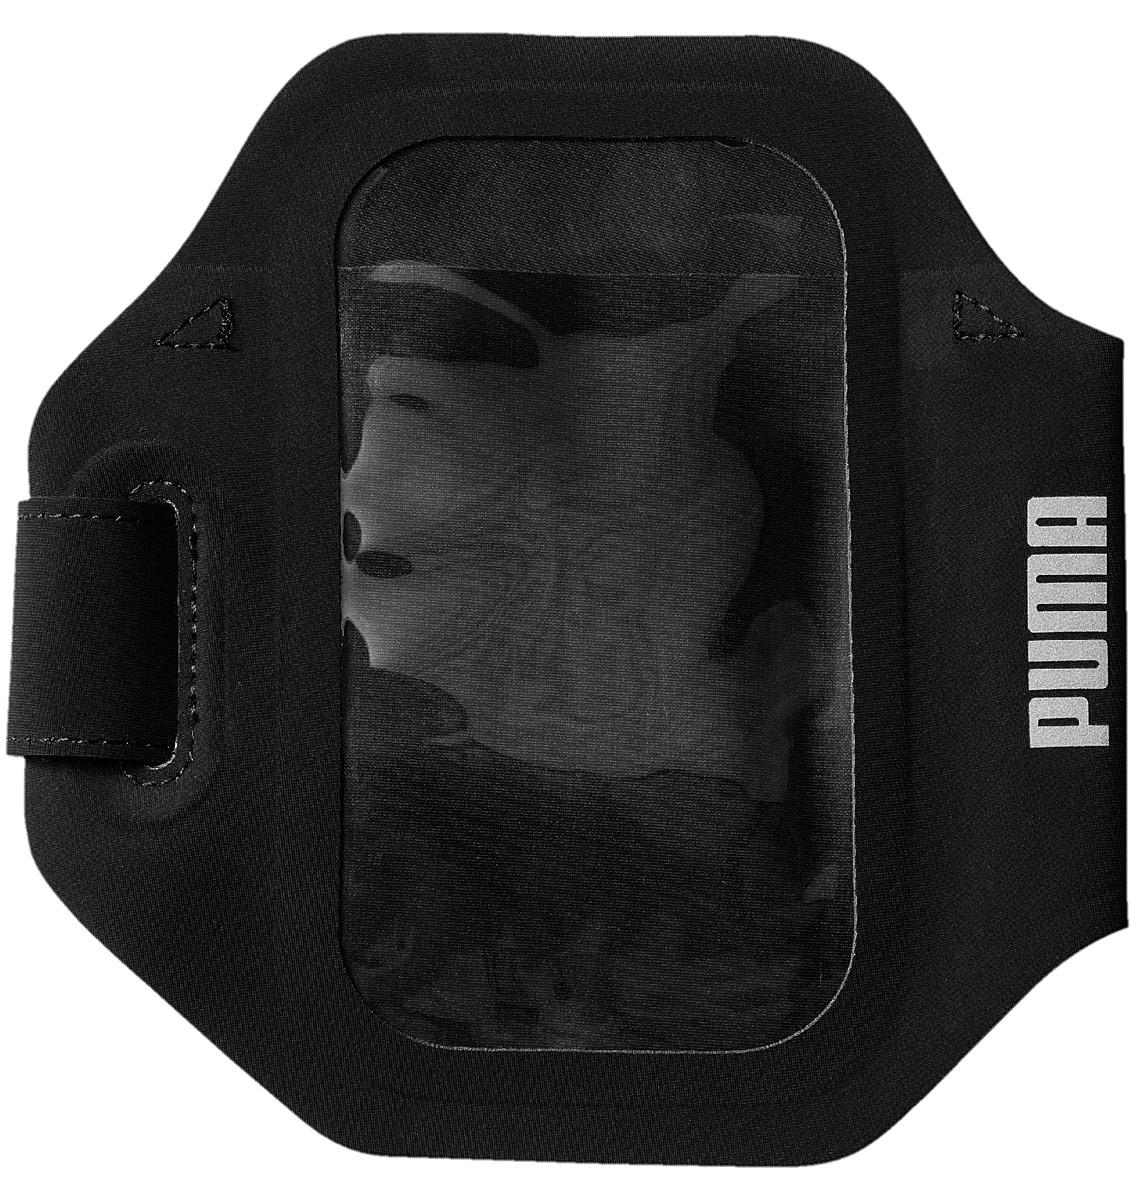 Чехол для телефона Puma PR Sport Phone Armband, цвет: черный, размер S/M. 05345401 пуховик мужской puma ferrari down jacket цвет черный 57667402 размер s 44 46